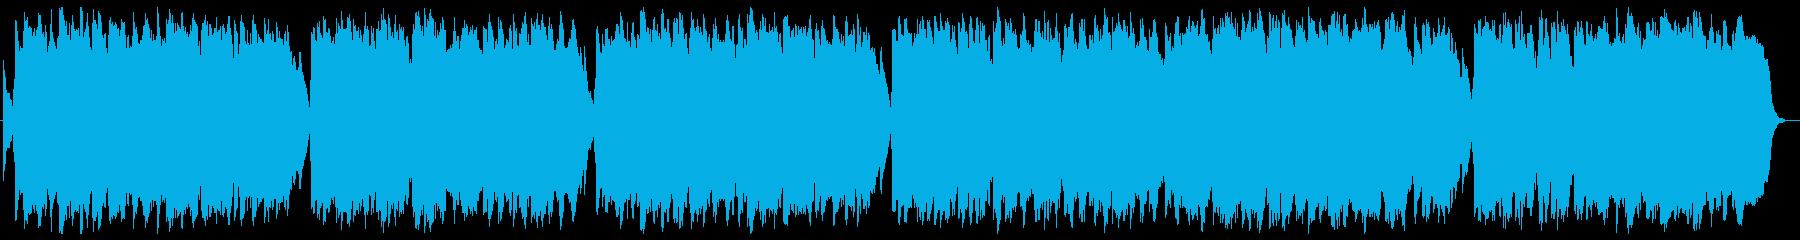 もみの木 オルゴール&Str.の再生済みの波形